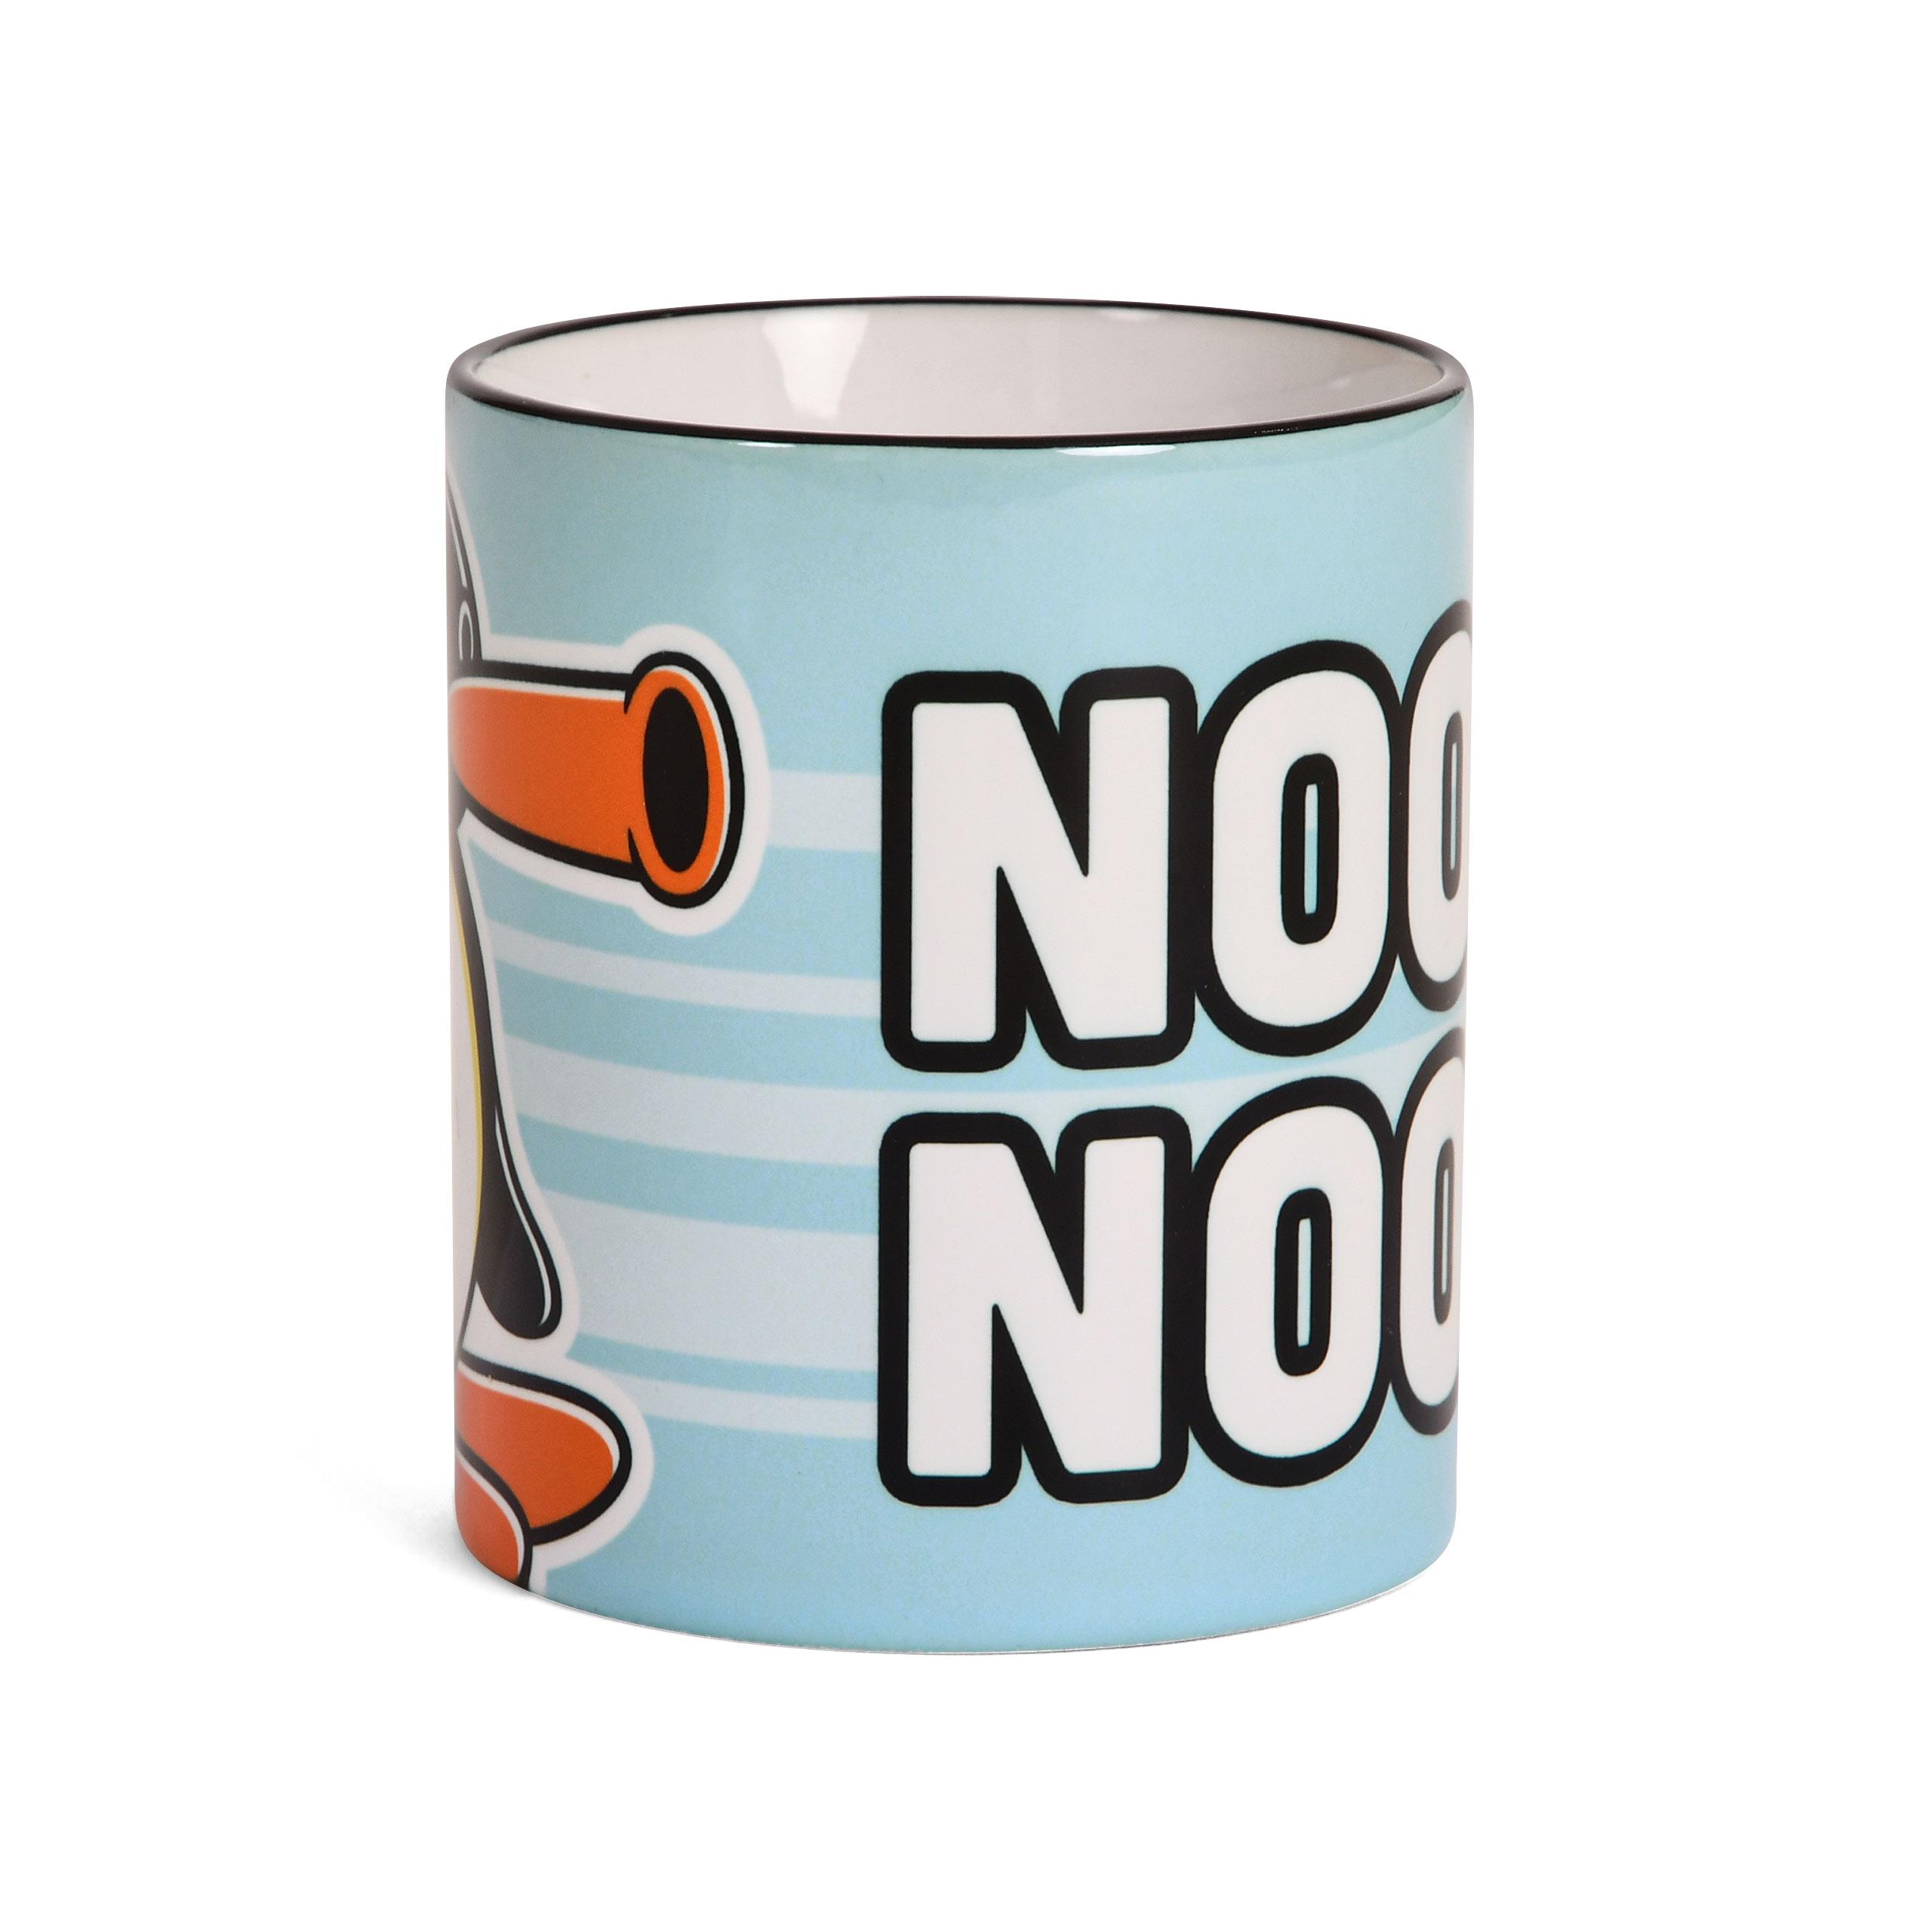 Noot Noot Tasse für Pingu Fans